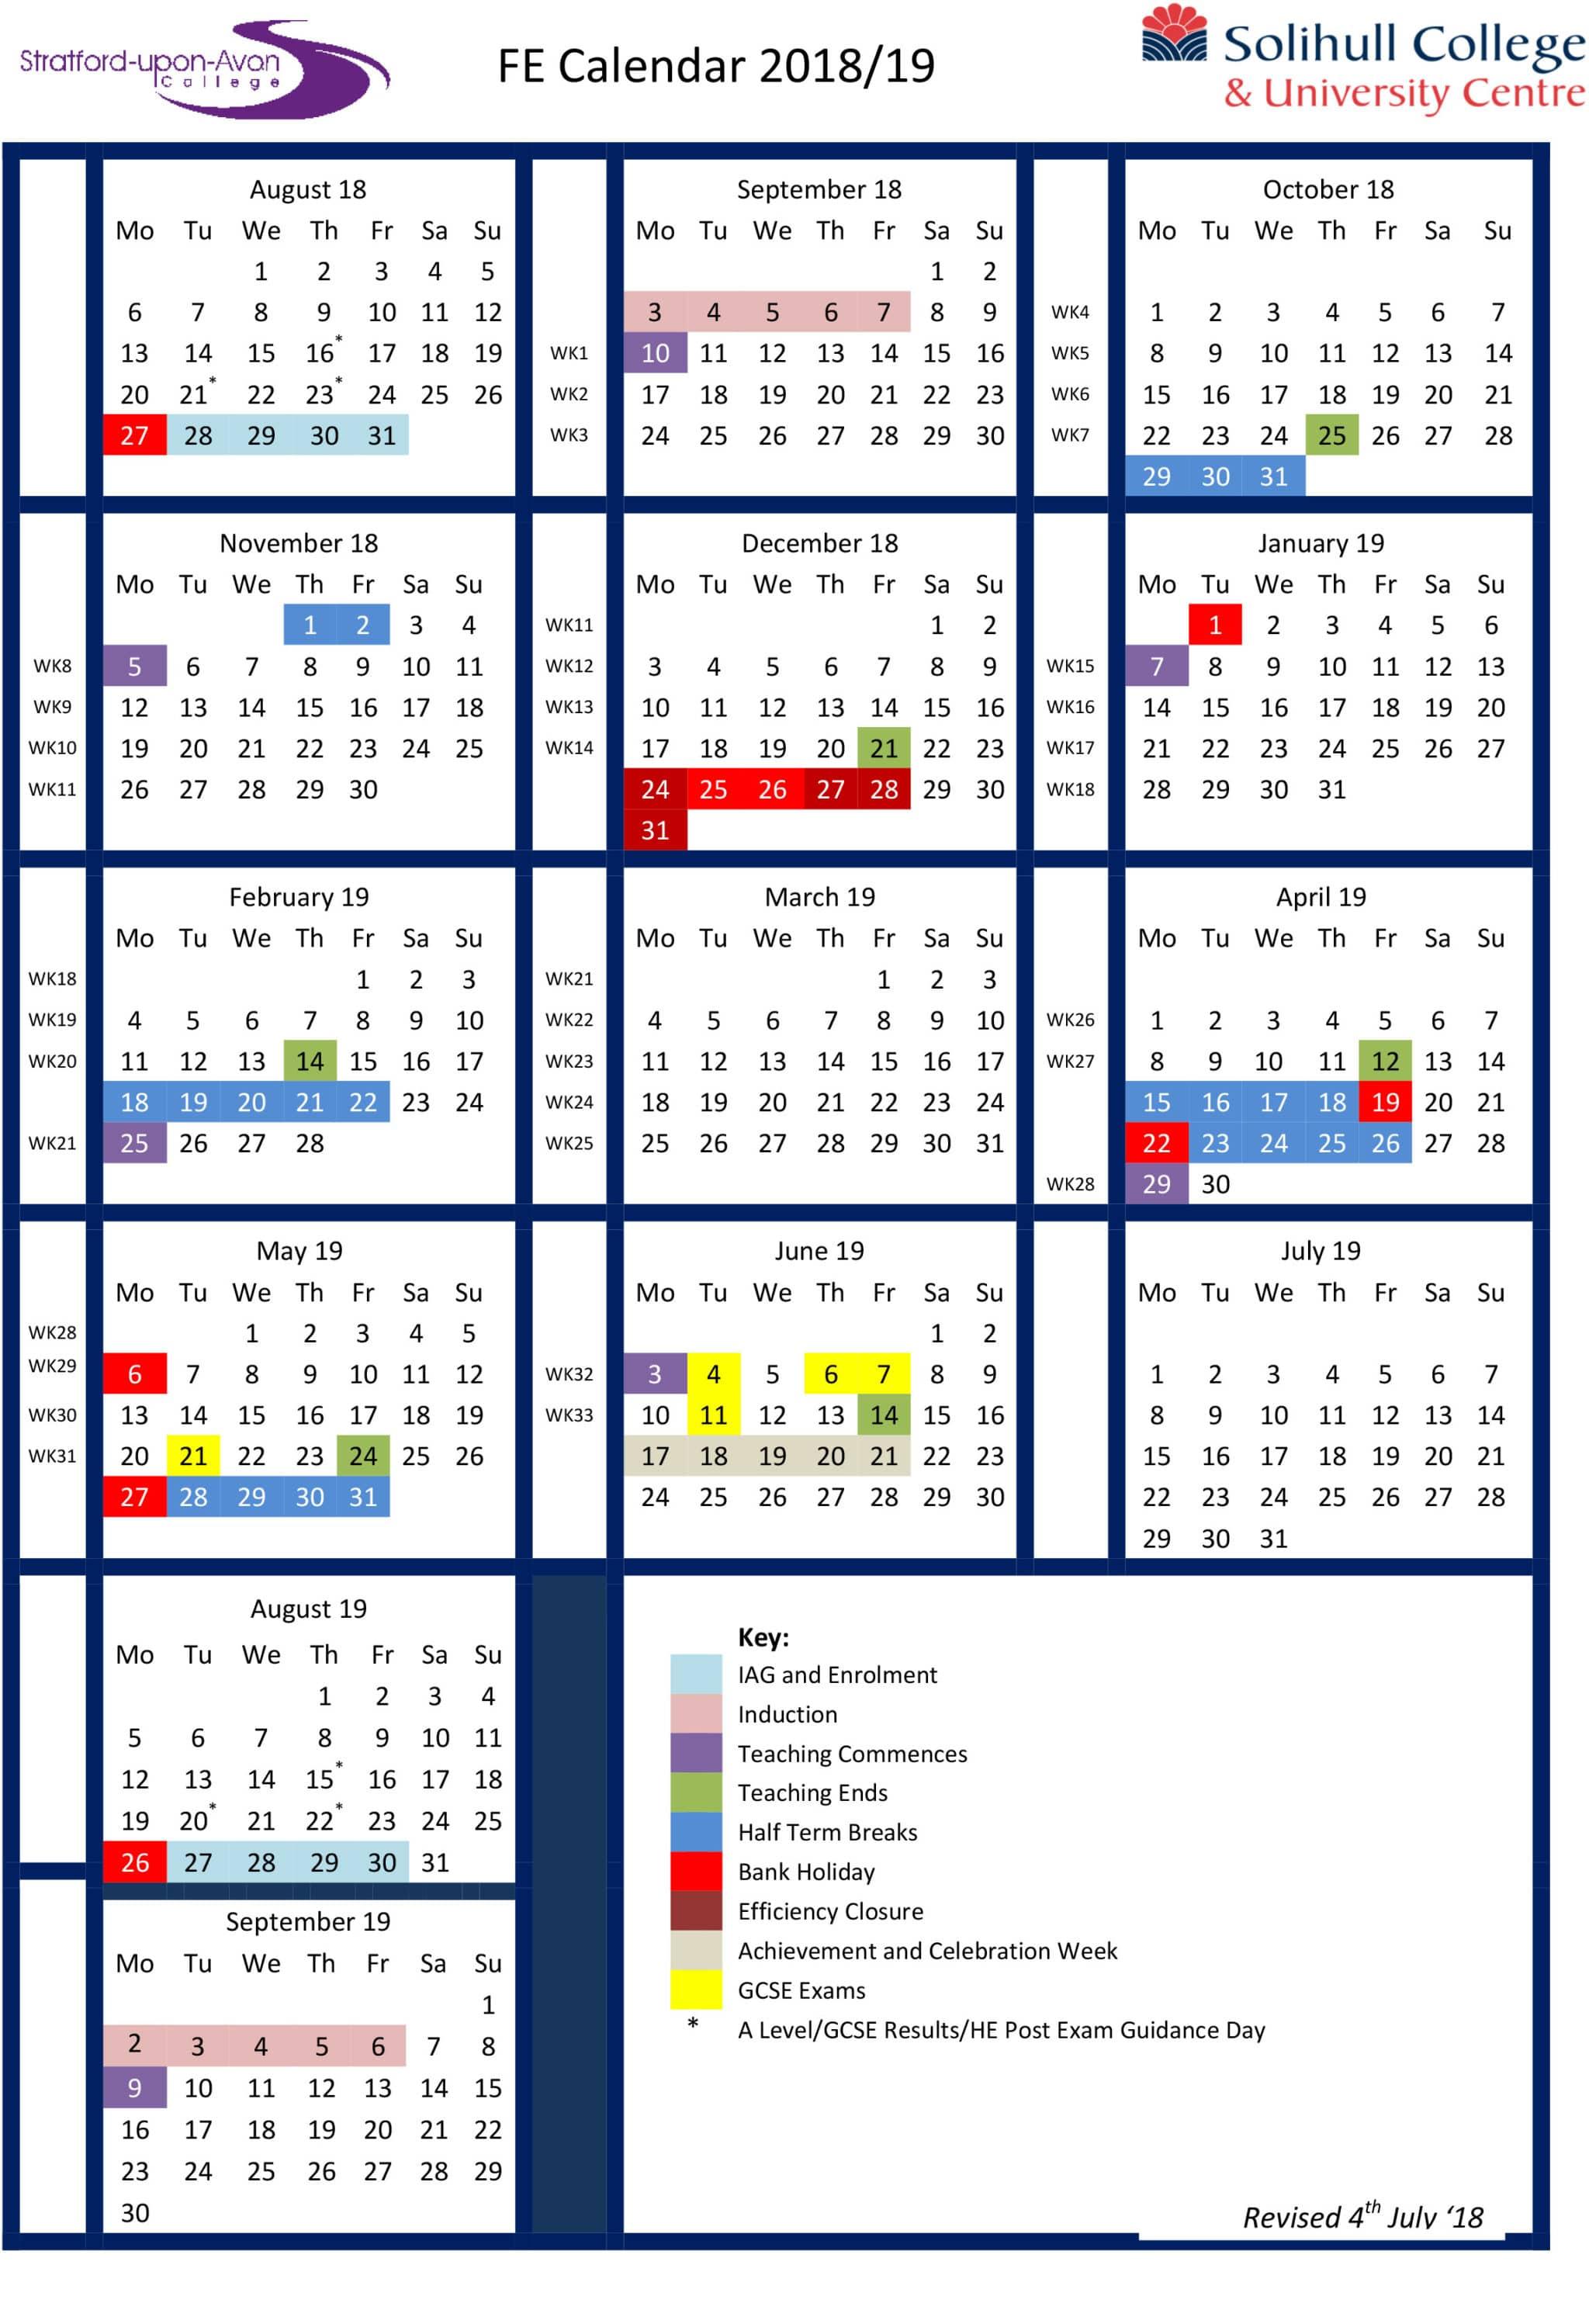 dating.com uk 2017 results 2018 calendar